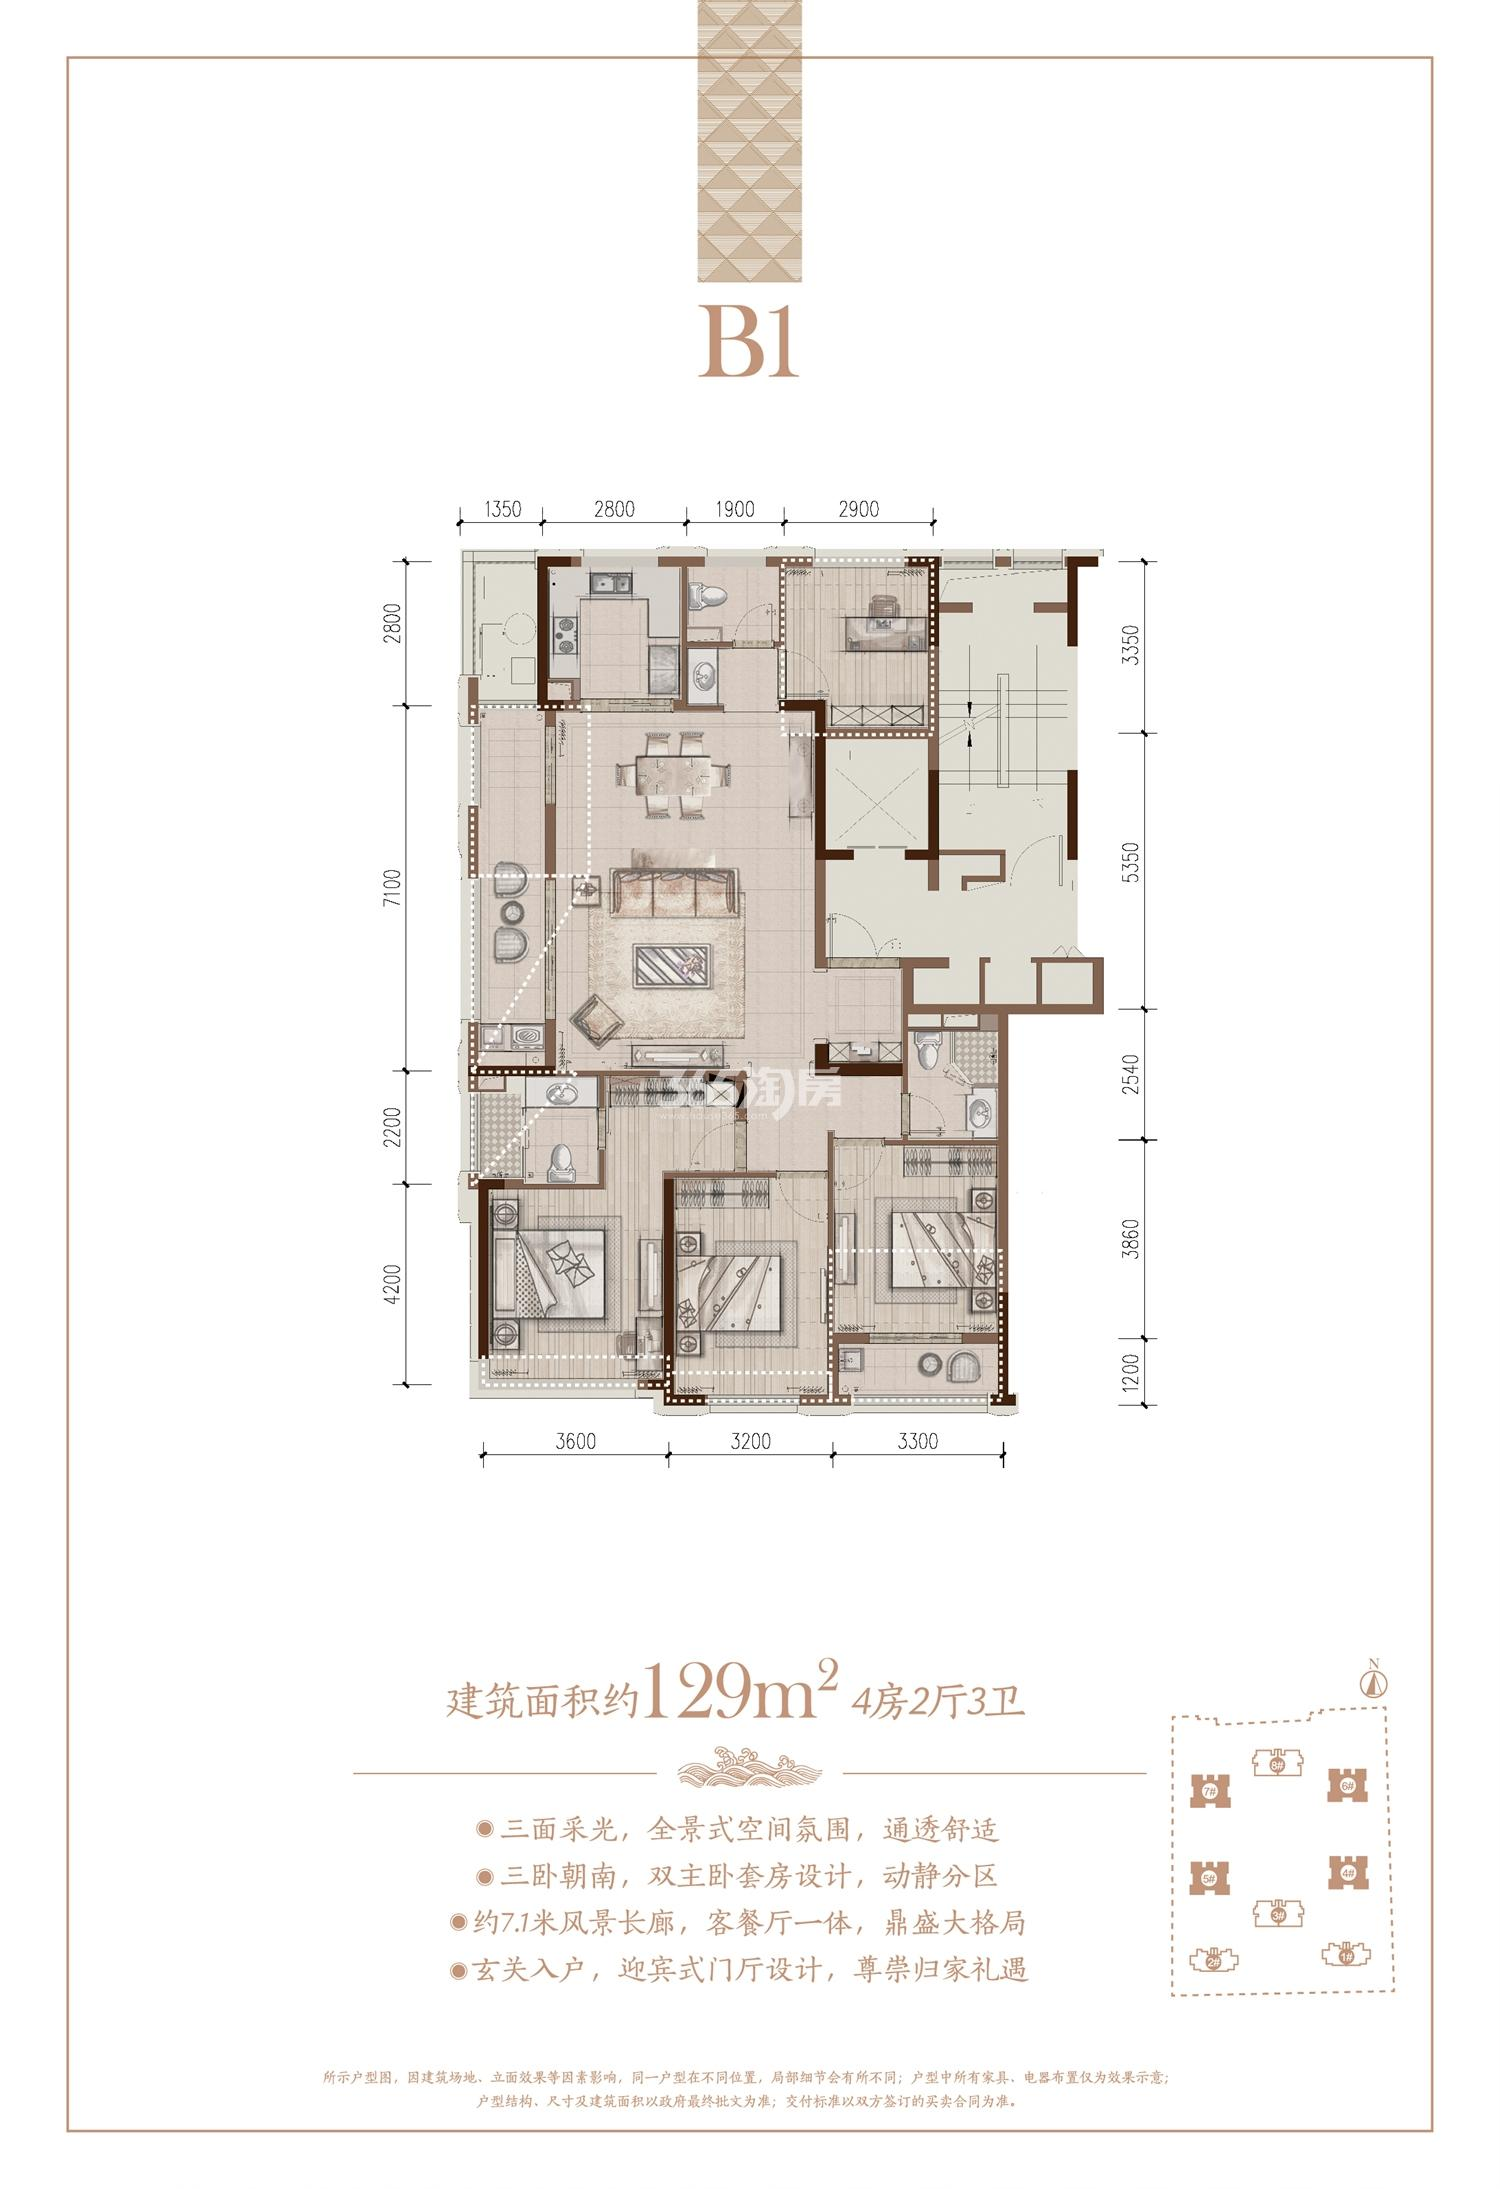 大家金鼎府B1户型图129方 (4、5、6、7#)